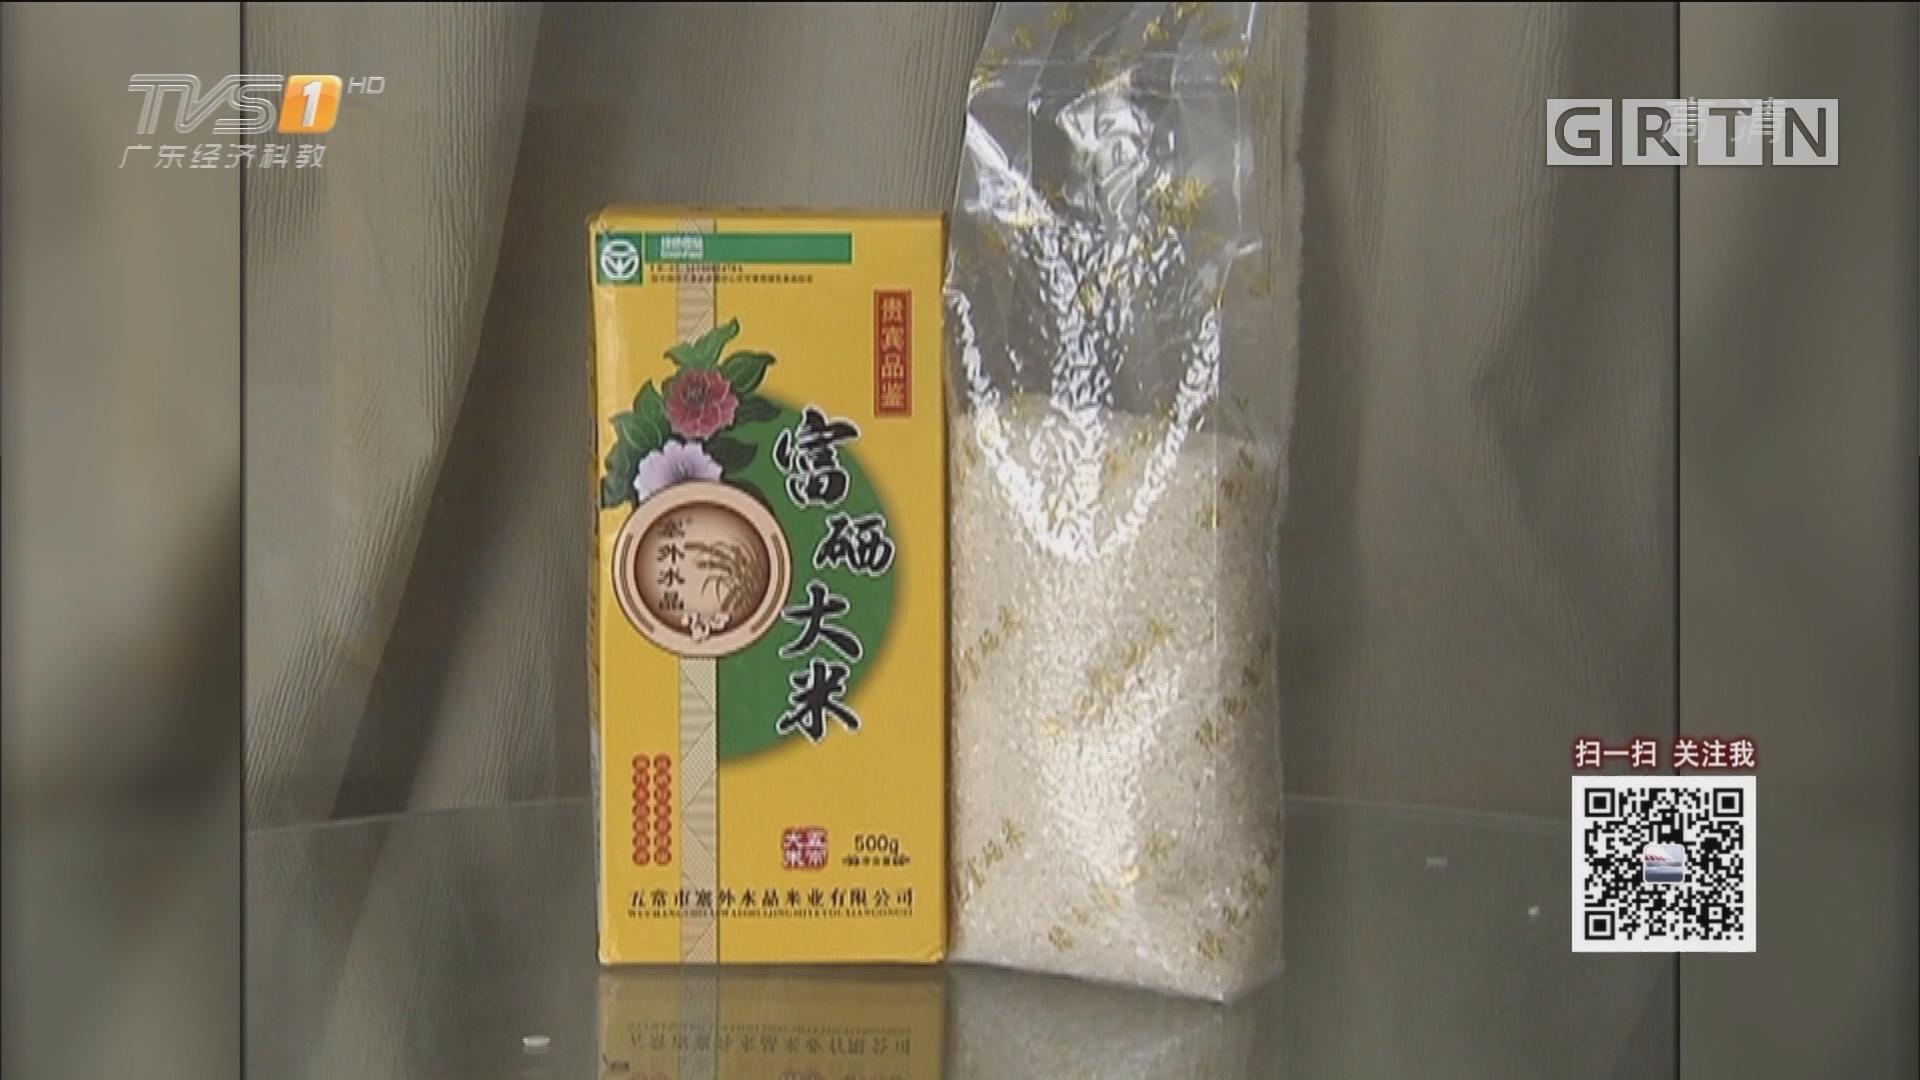 高价富硒大米 是否物有所值?